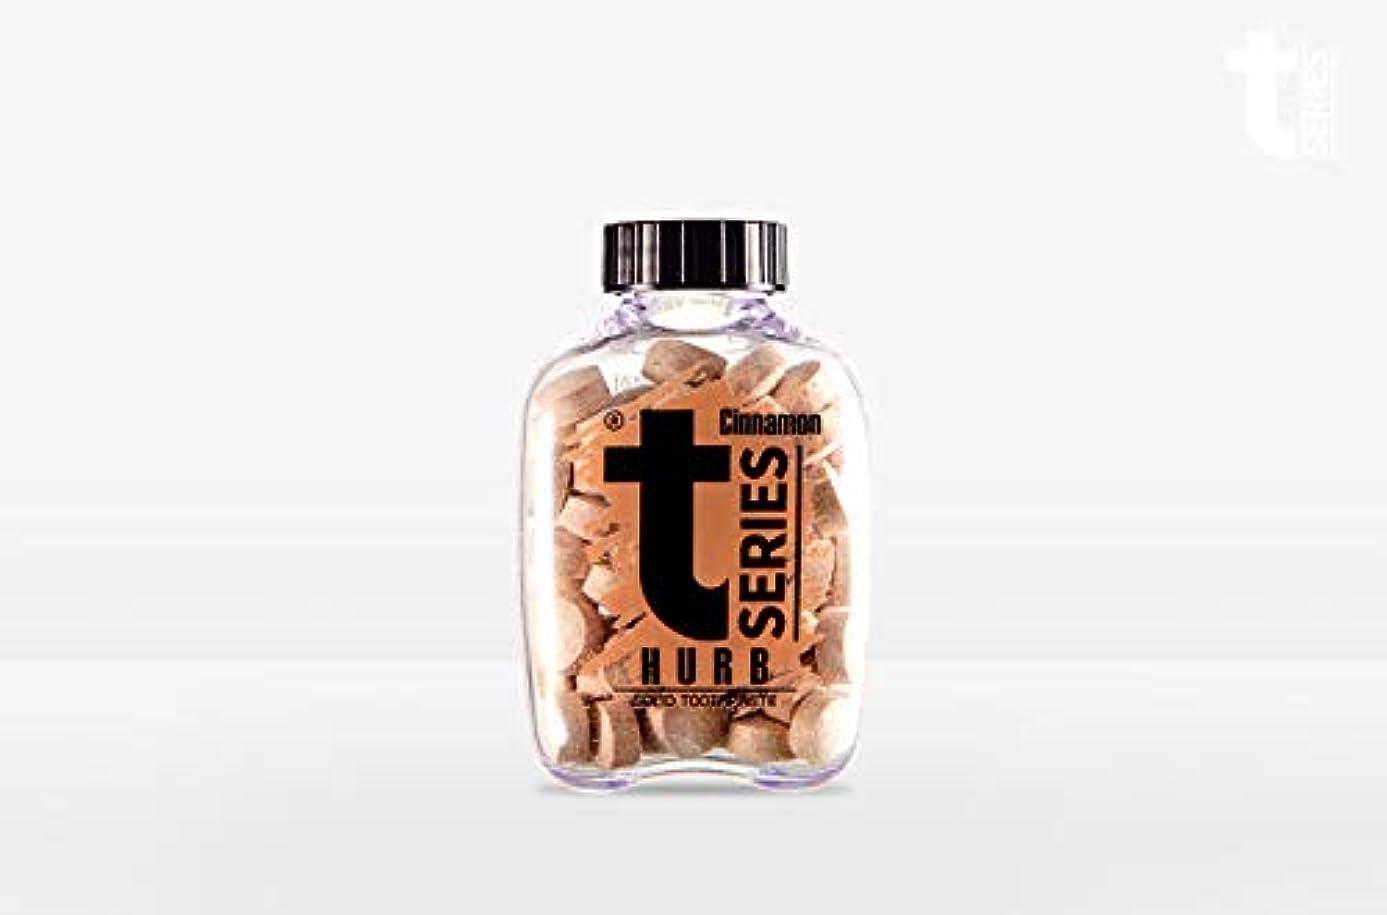 憂慮すべきクモ同化T - シリーズチュアブル ポータブル練り歯磨きソリッドタブレット型60タブ # ハーブシナモン